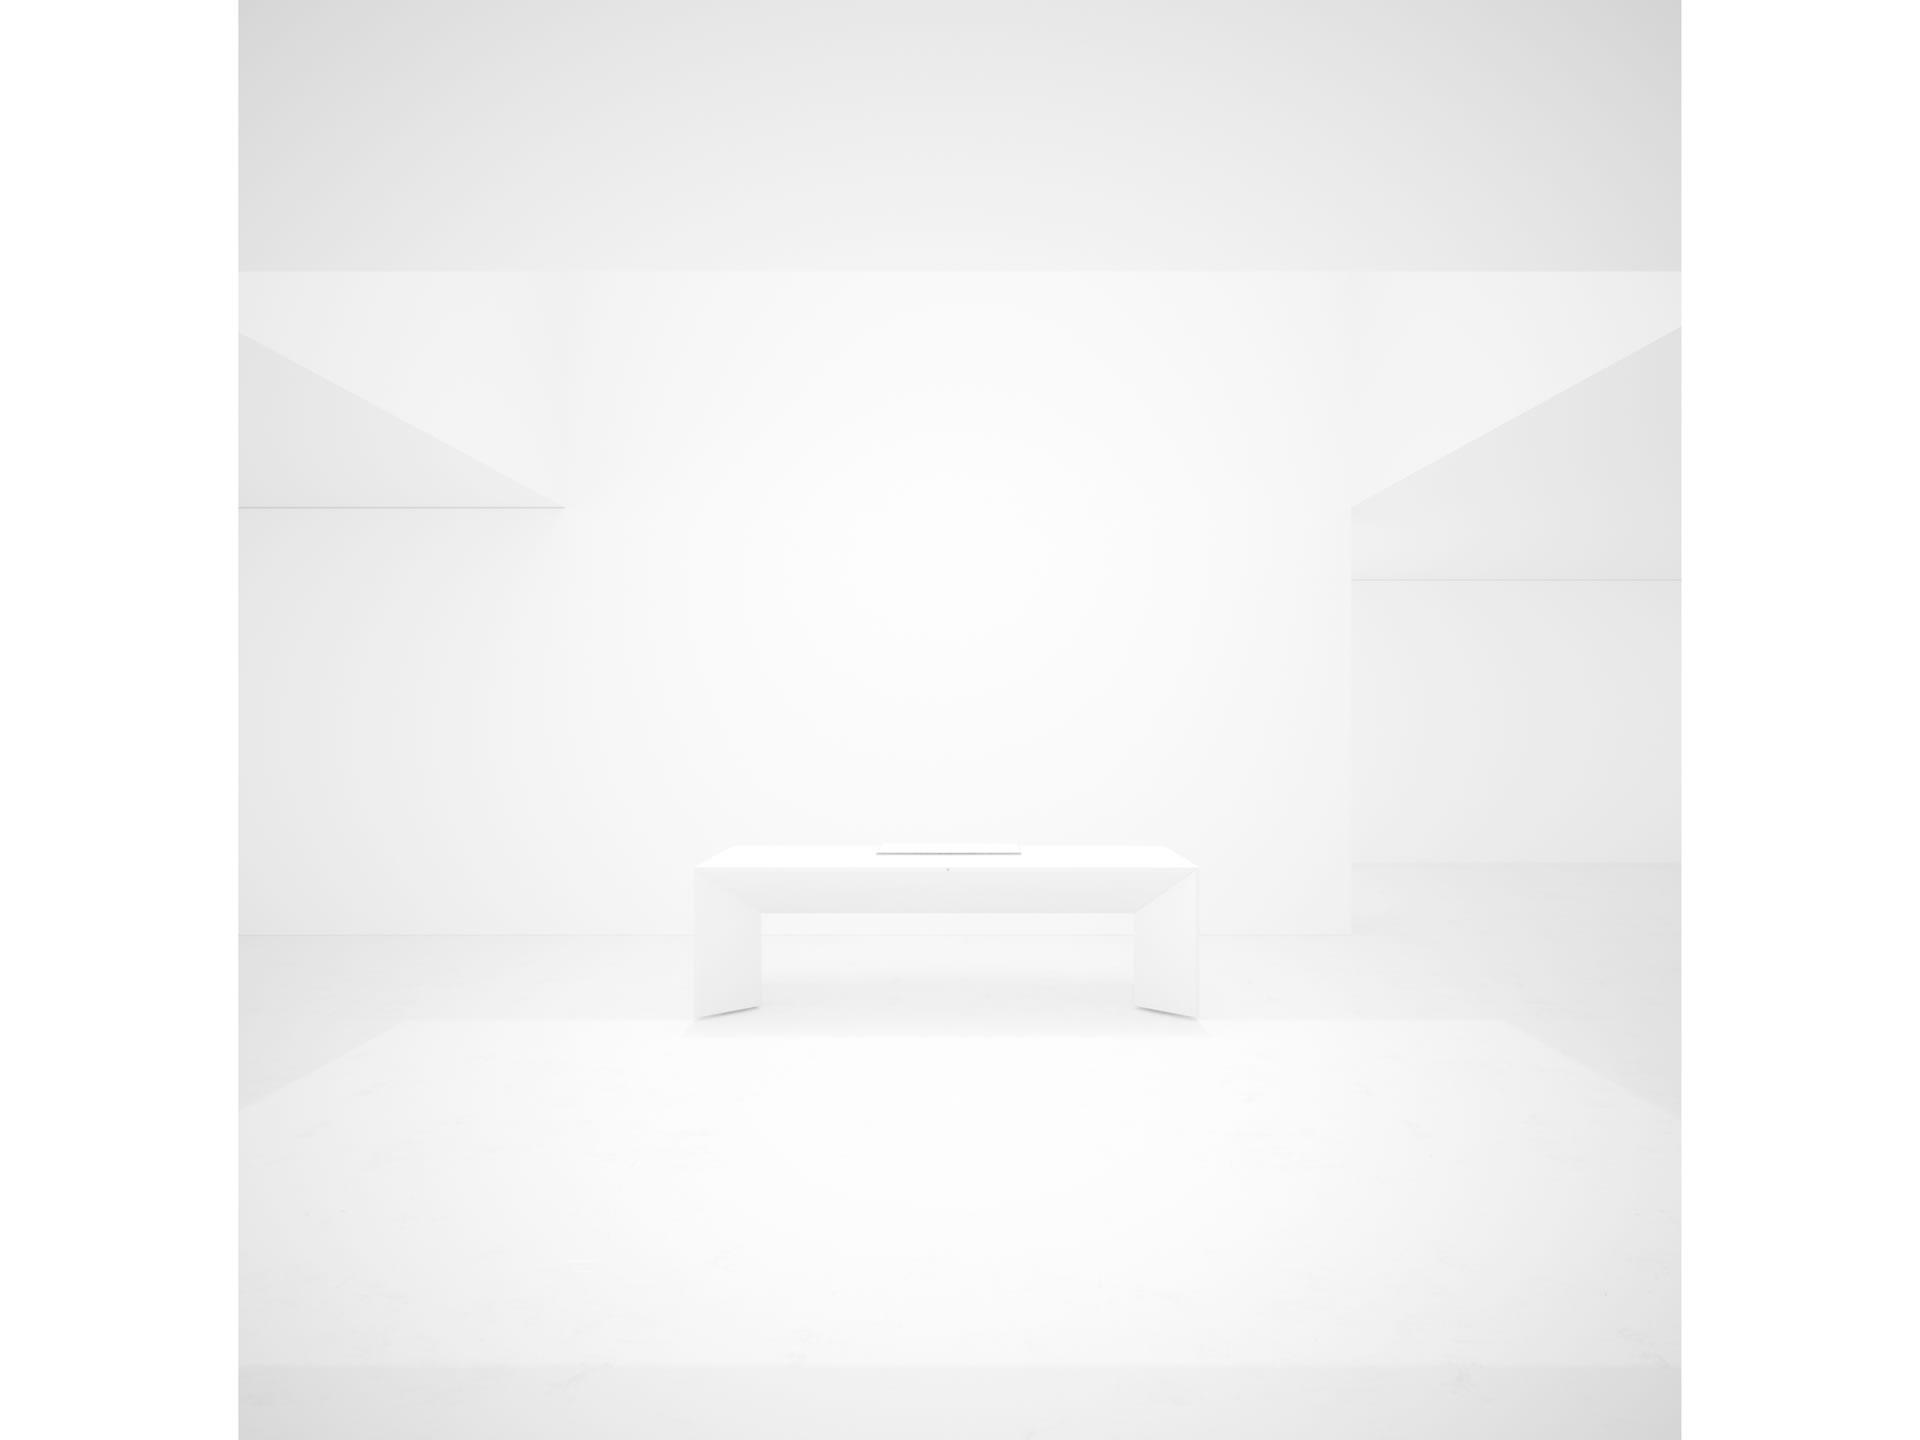 schreibtisch modern marmor wei felix schwake. Black Bedroom Furniture Sets. Home Design Ideas